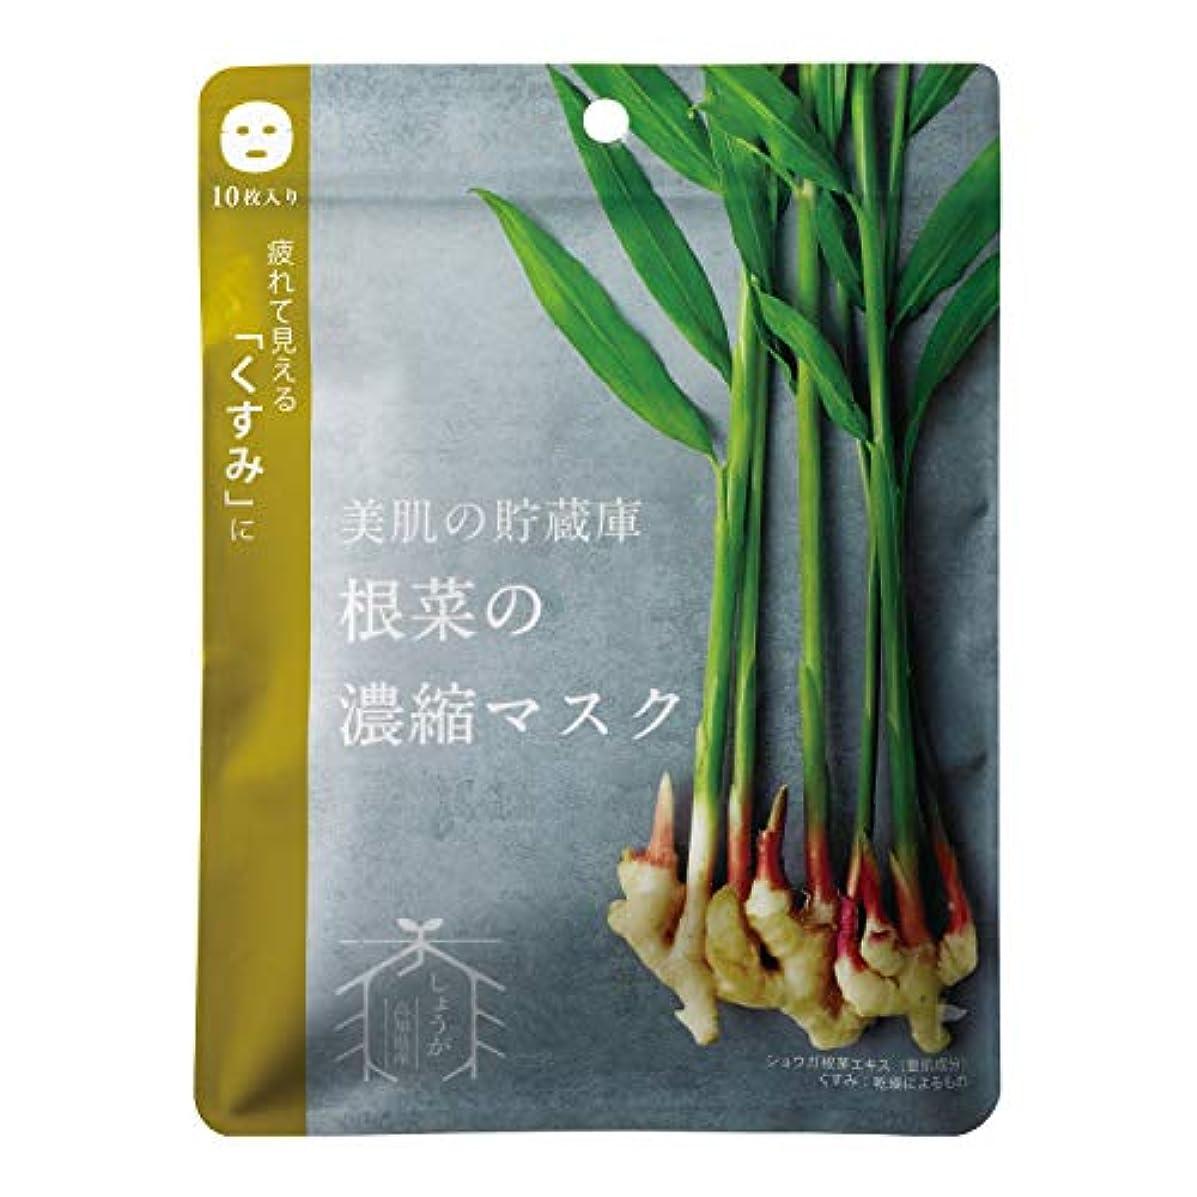 プログラム不定ばか@cosme nippon 美肌の貯蔵庫 根菜の濃縮マスク 土佐一しょうが 10枚 160ml